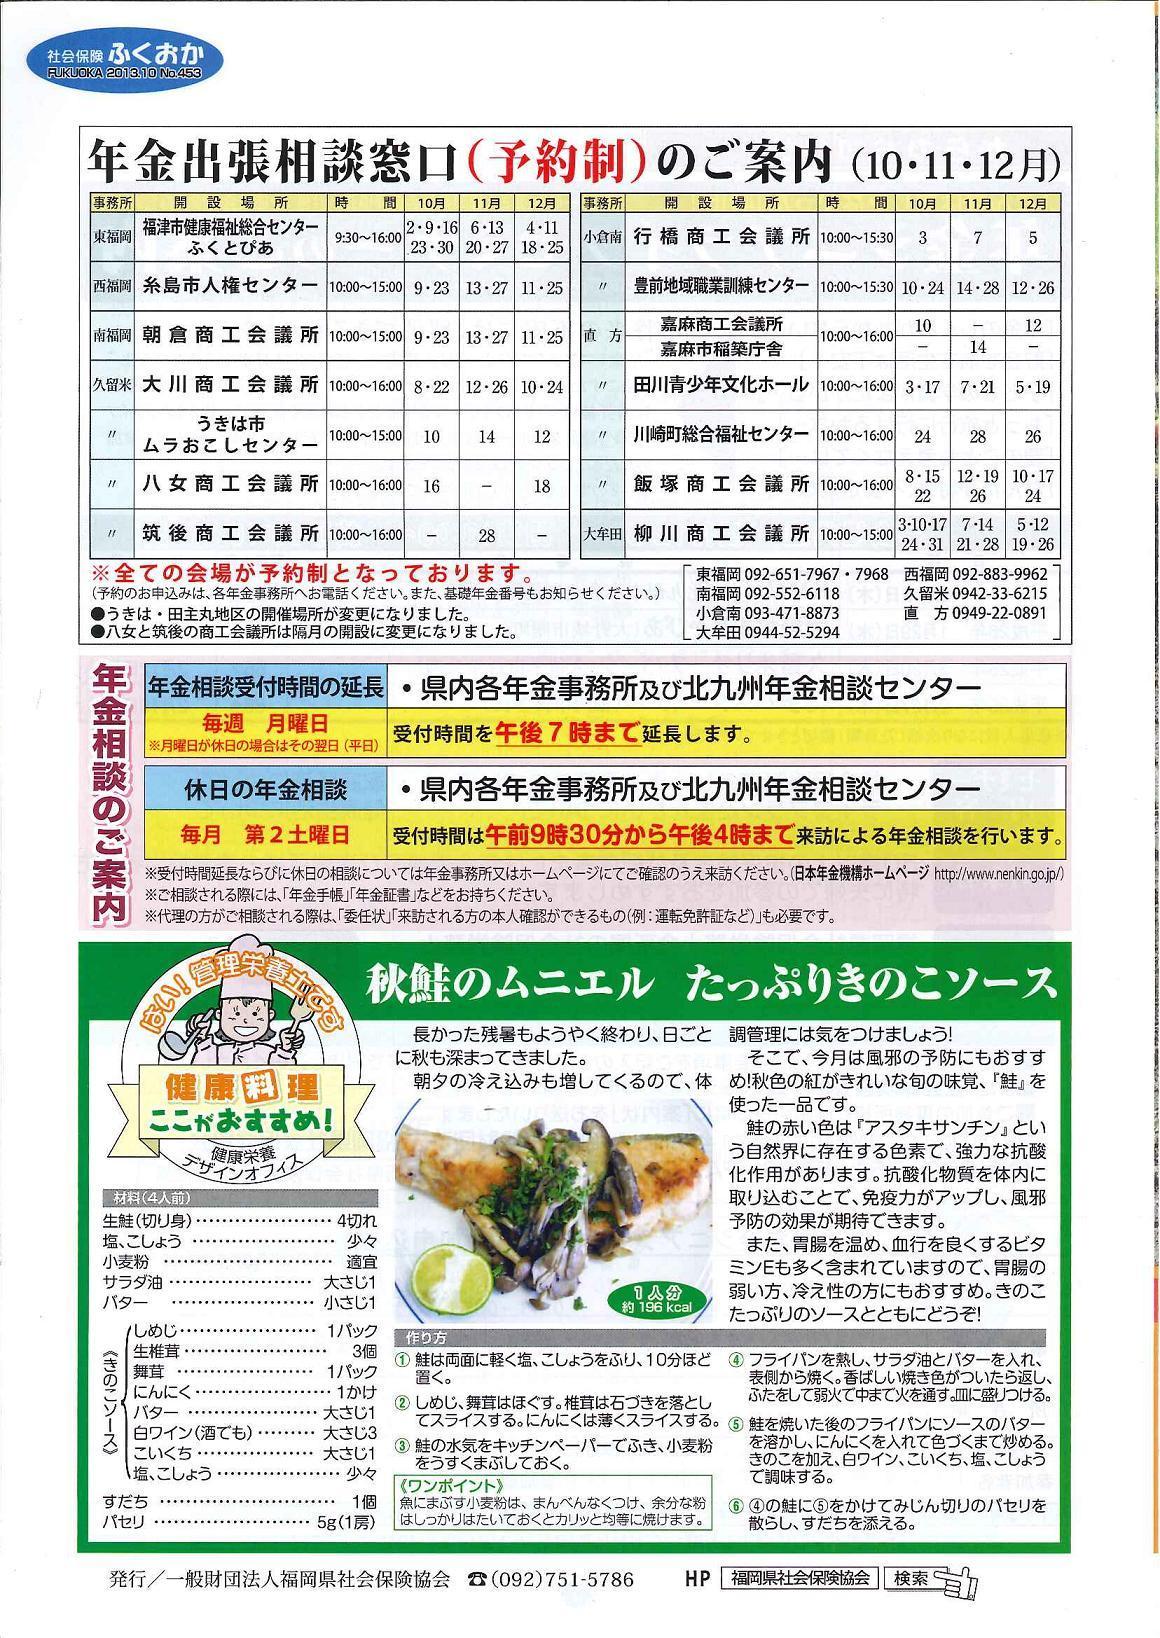 社会保険 ふくおか 2013年 10月号_f0120774_151689.jpg